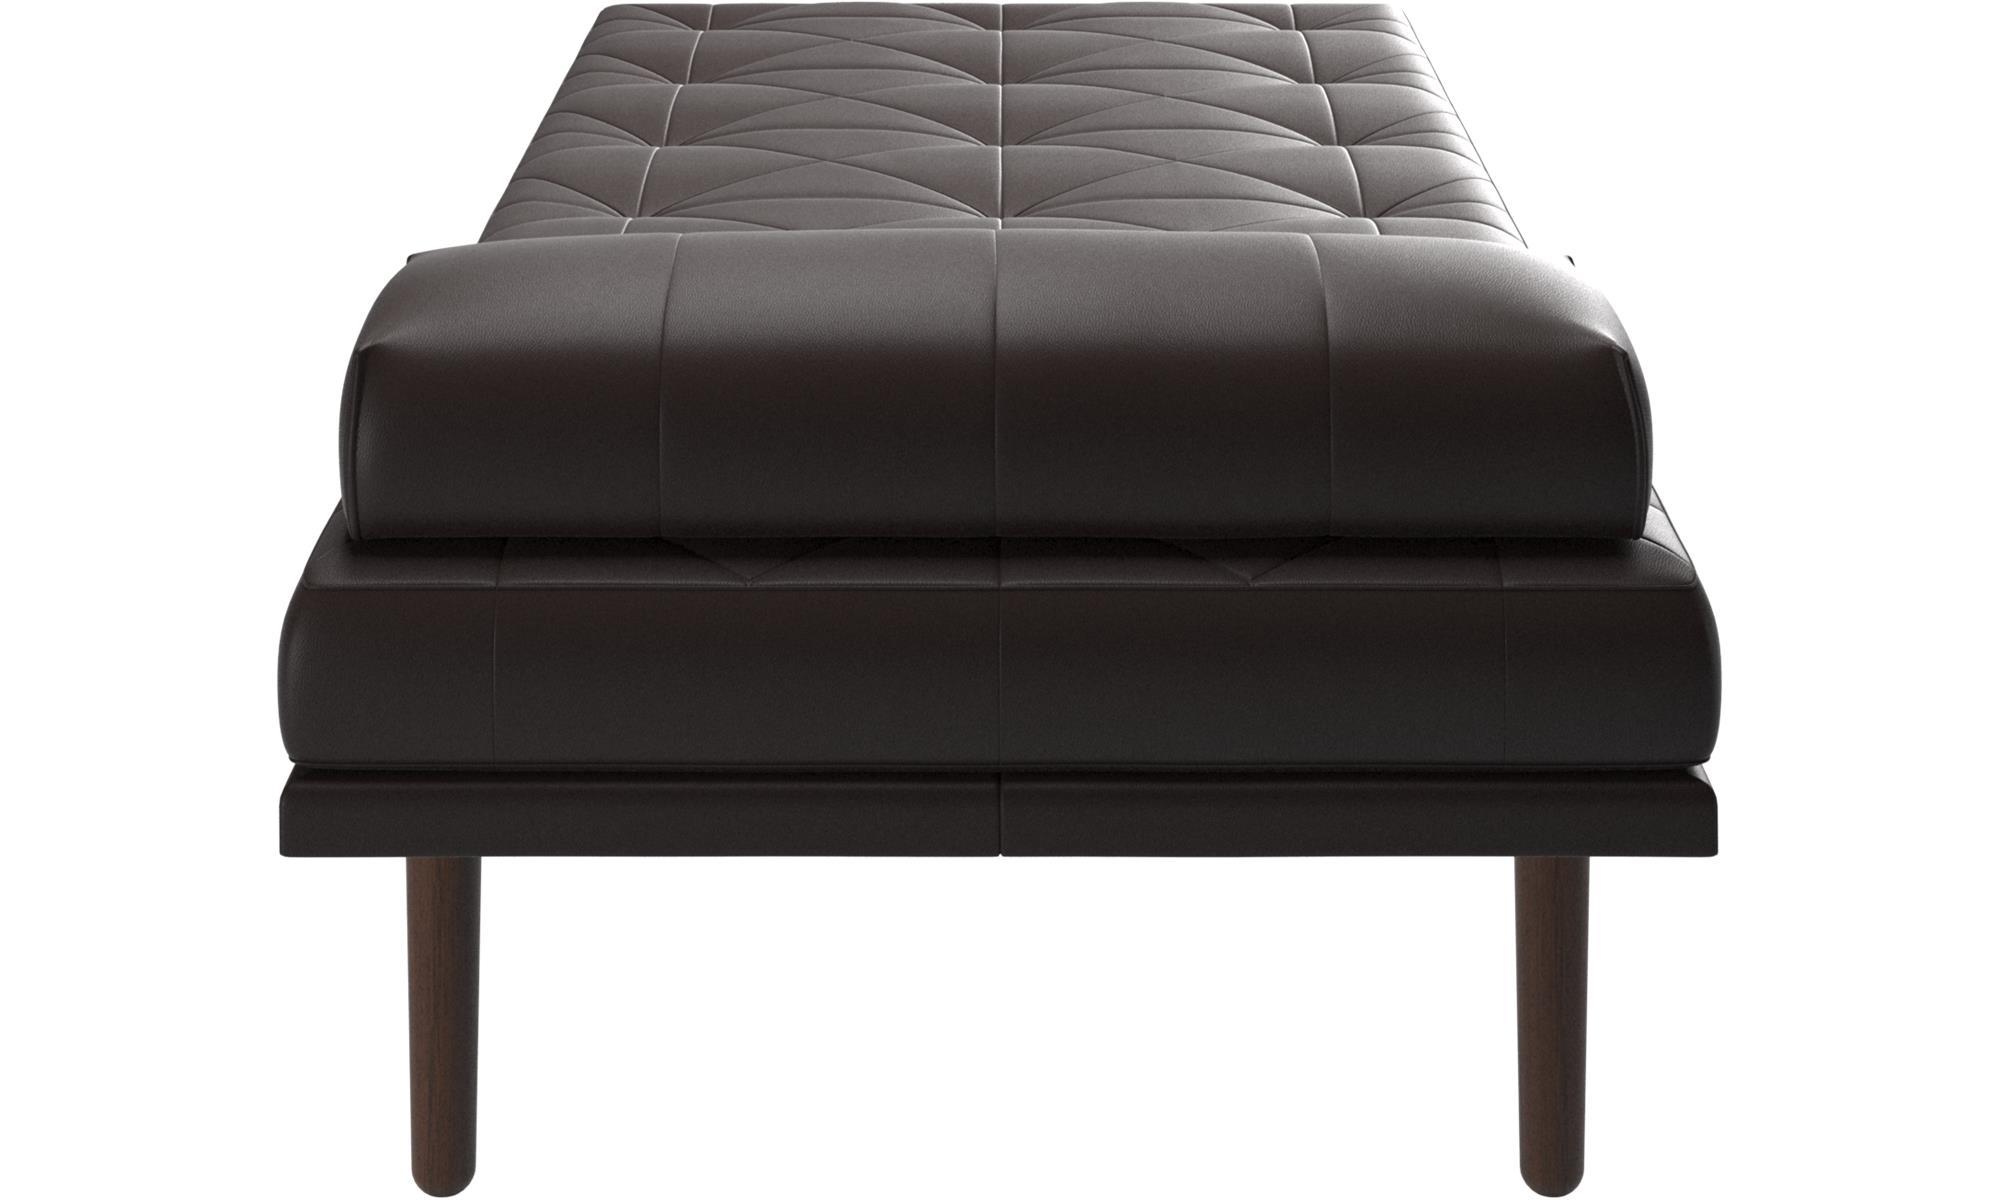 Chaises - chaise-longue fusion - BoConcept on